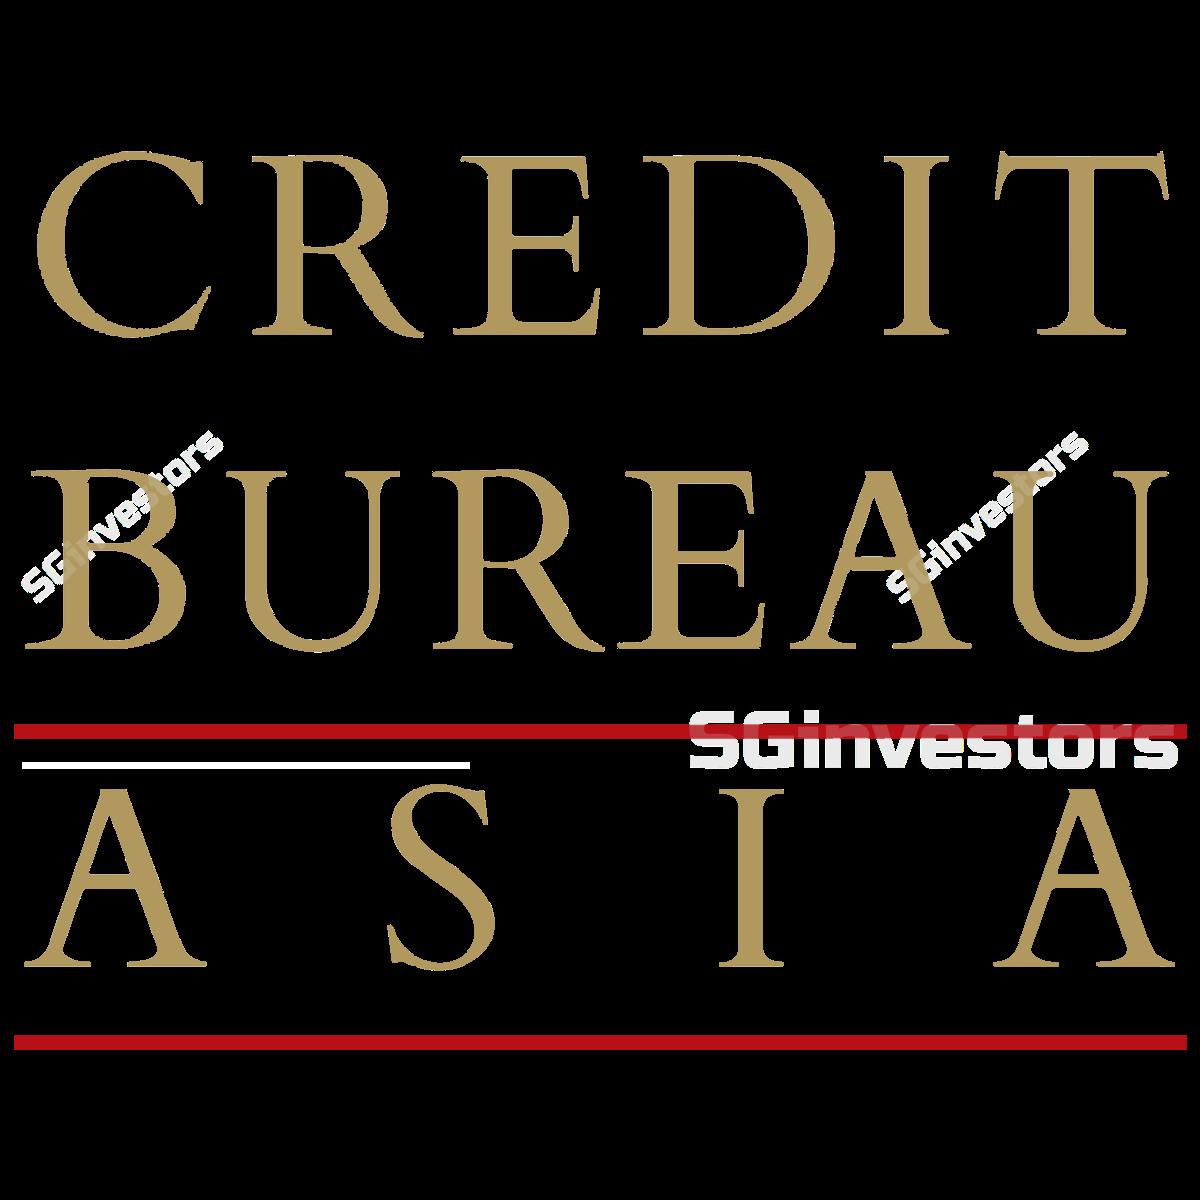 CREDIT BUREAU ASIA LIMITED (SGX:TCU) | SGinvestors.io